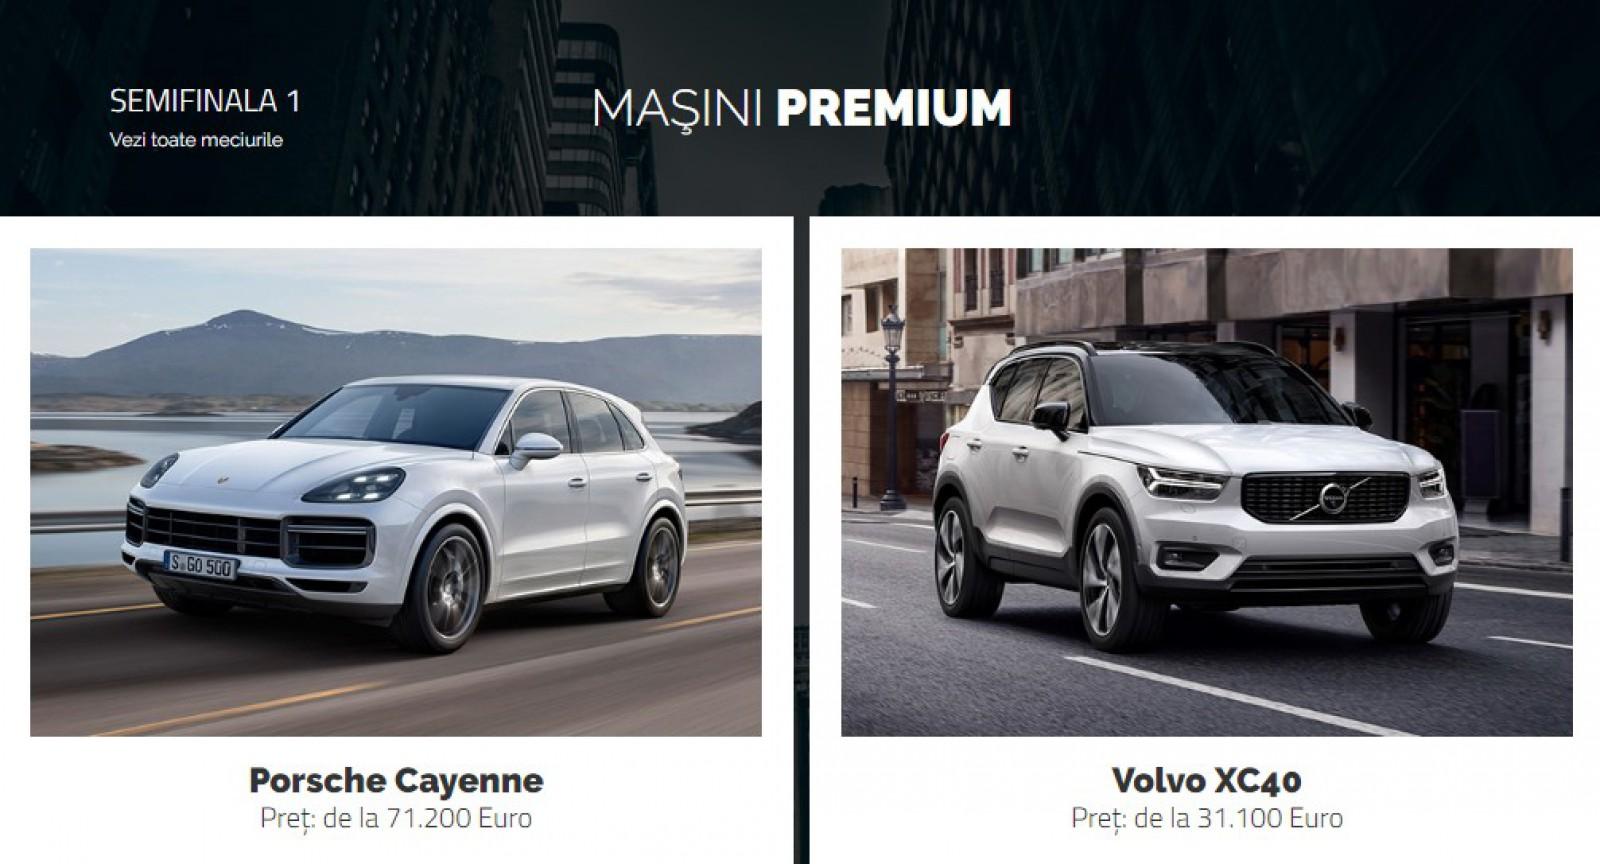 AUTOVOT MOLDOVA 2018! Semifinala I din categoria Maşini Premium: Porsche Cayenne vs Volvo XC40!